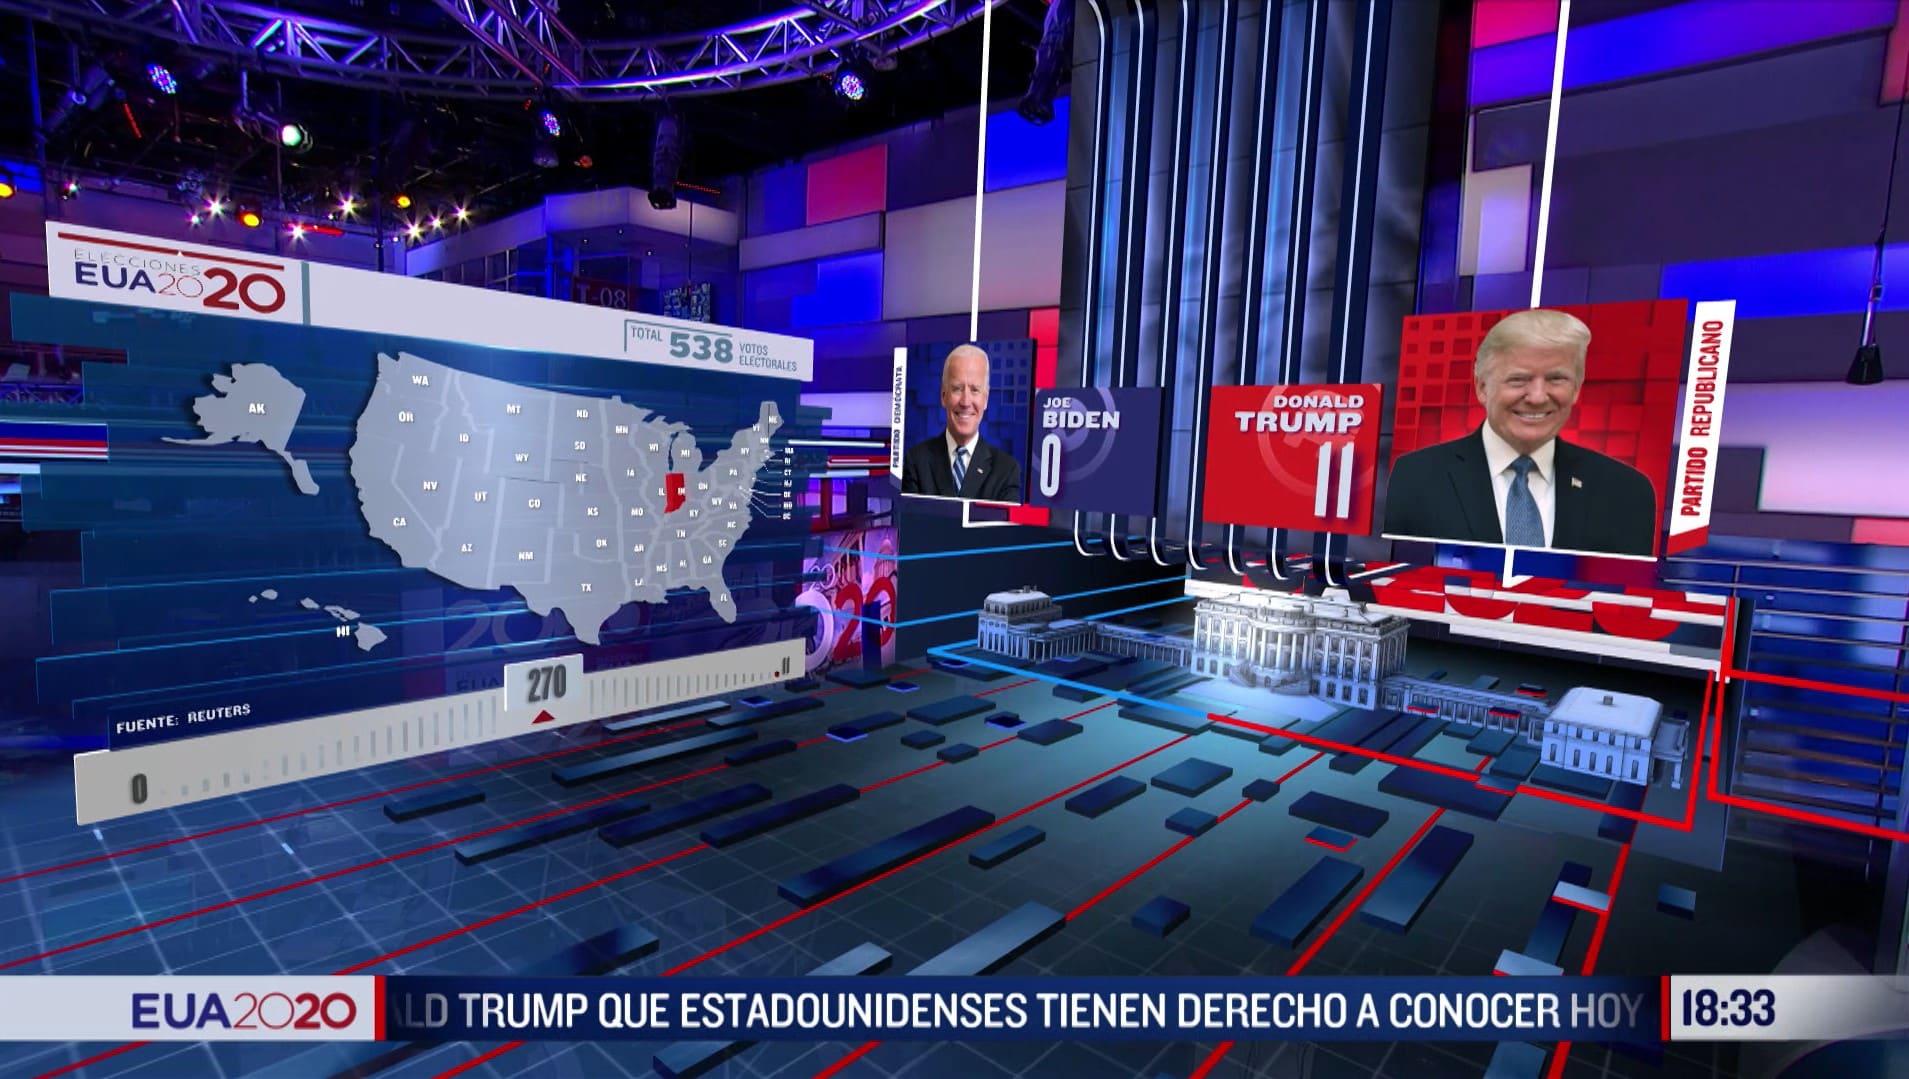 Televisa 2020 EUA Elections